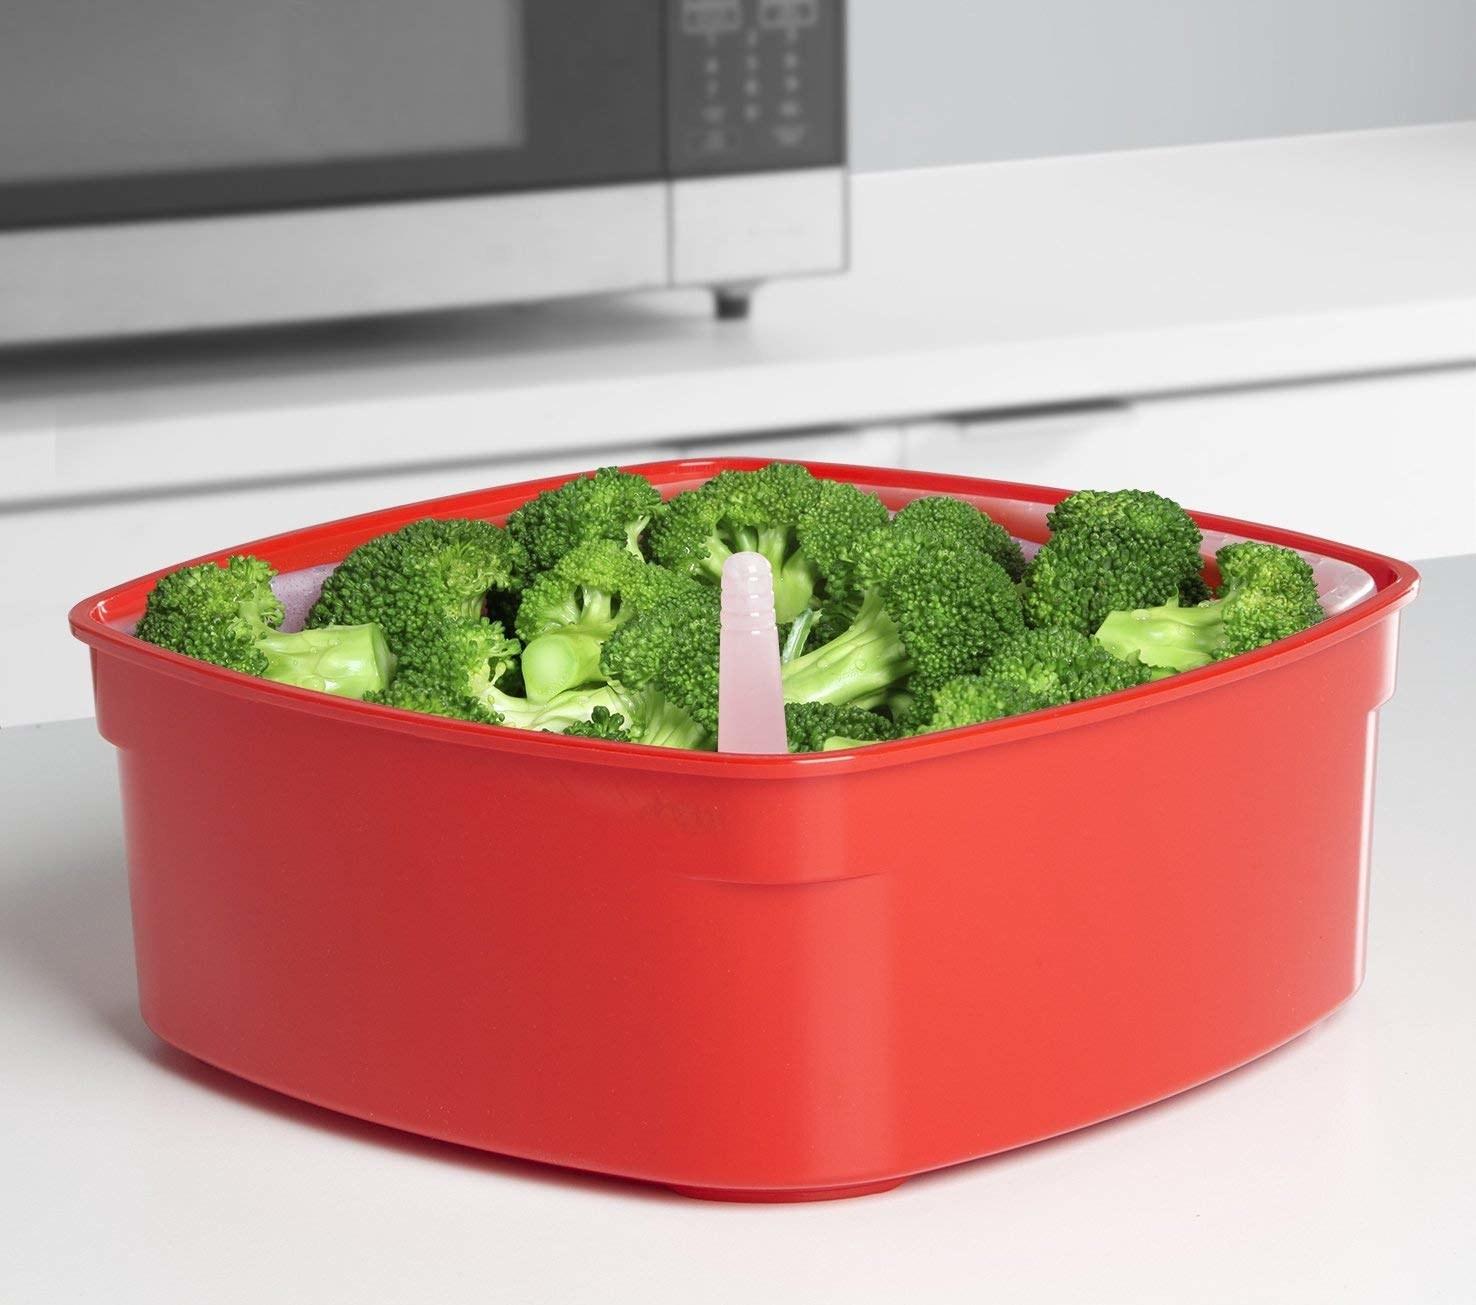 broccoli inside of the sistema microwave steamer